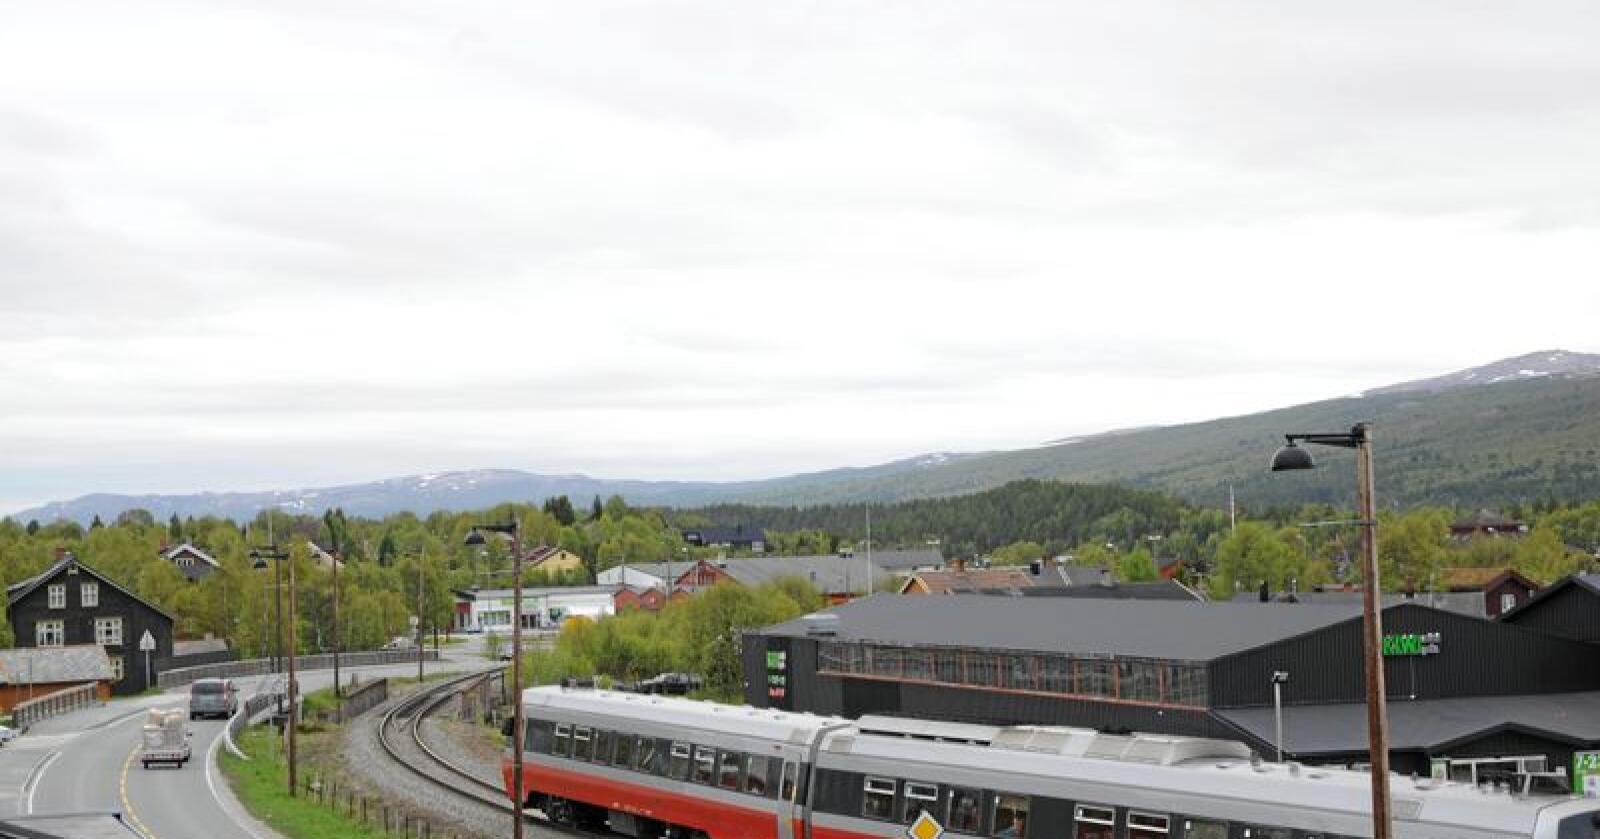 Røros stasjon. Foto: Mariann Tvete